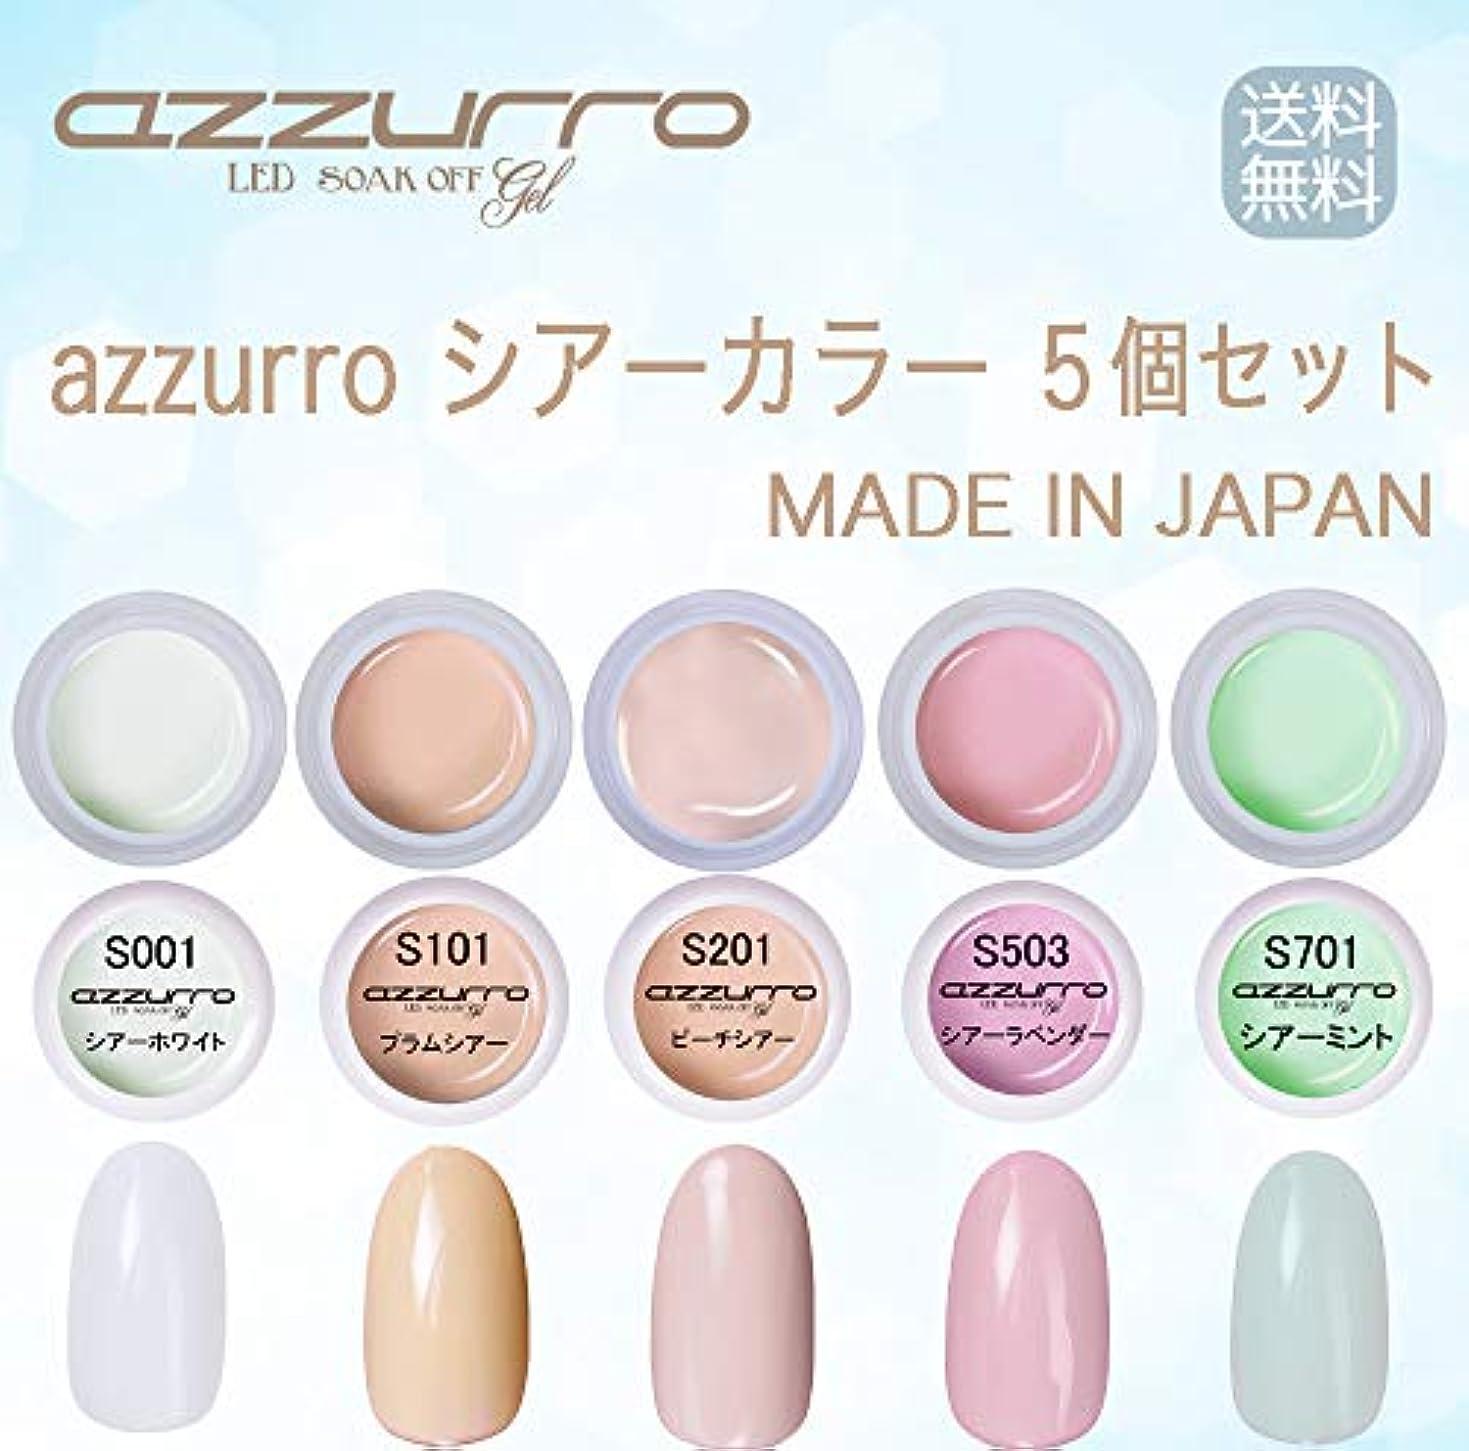 絶対にソブリケット罰する【送料無料】日本製 azzurro gel シアー カラージェル5個セット グラデーションにもピッタリなカラー